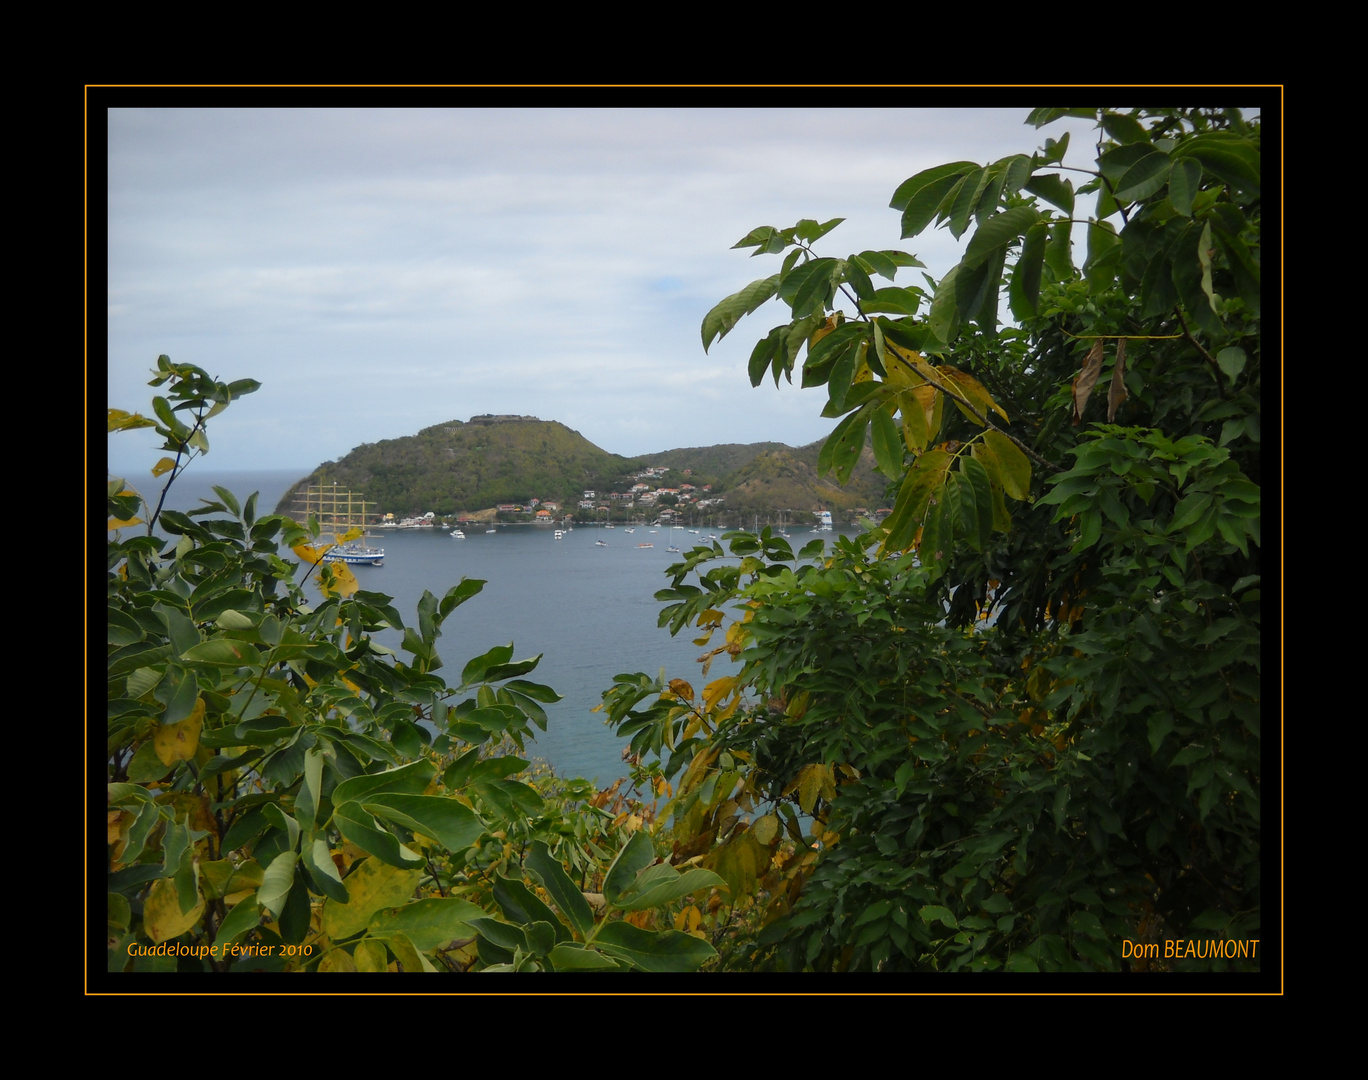 Guadeloupe Février 2010